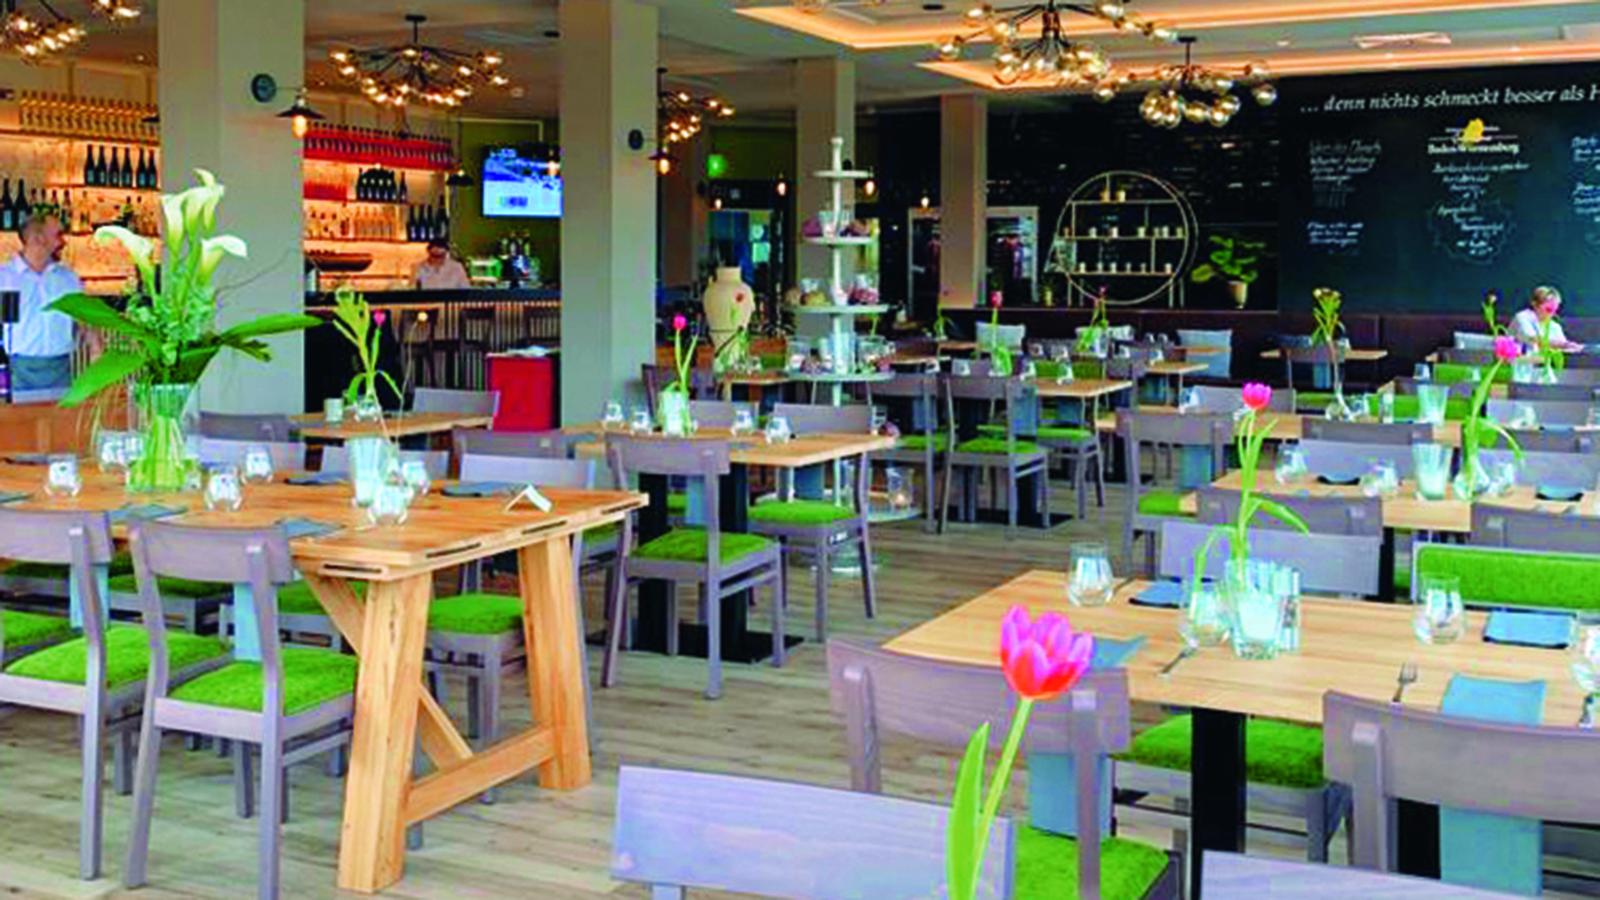 Bild 1 Heiling`s Restaurant im Paladion